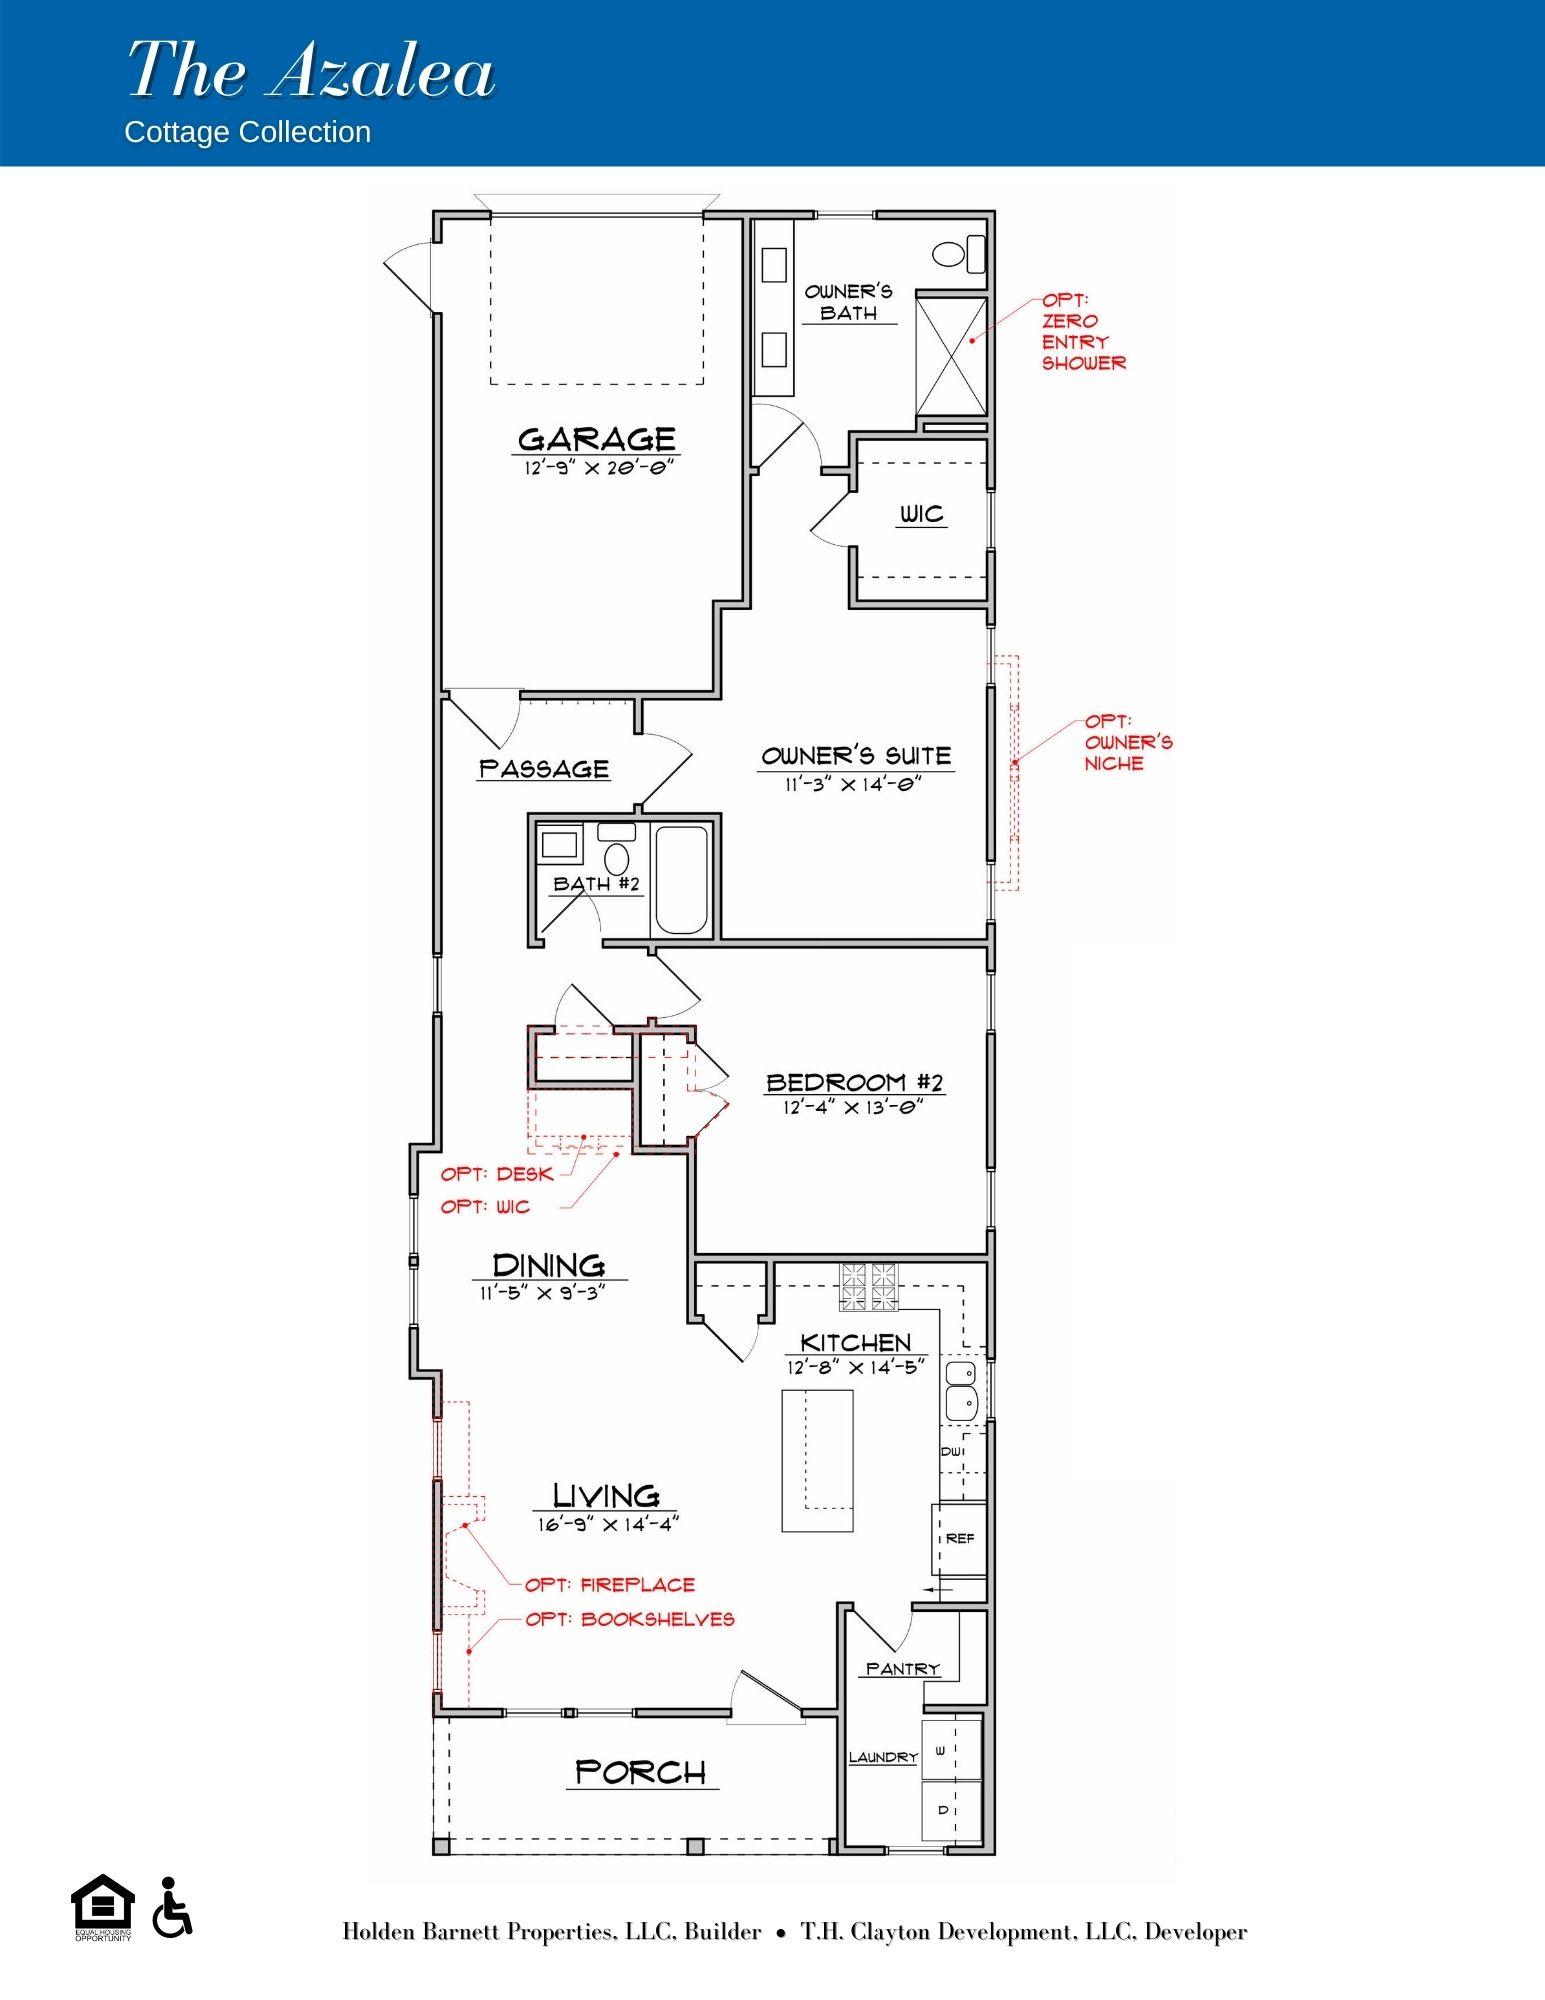 The Azalea Ranch Floorplan